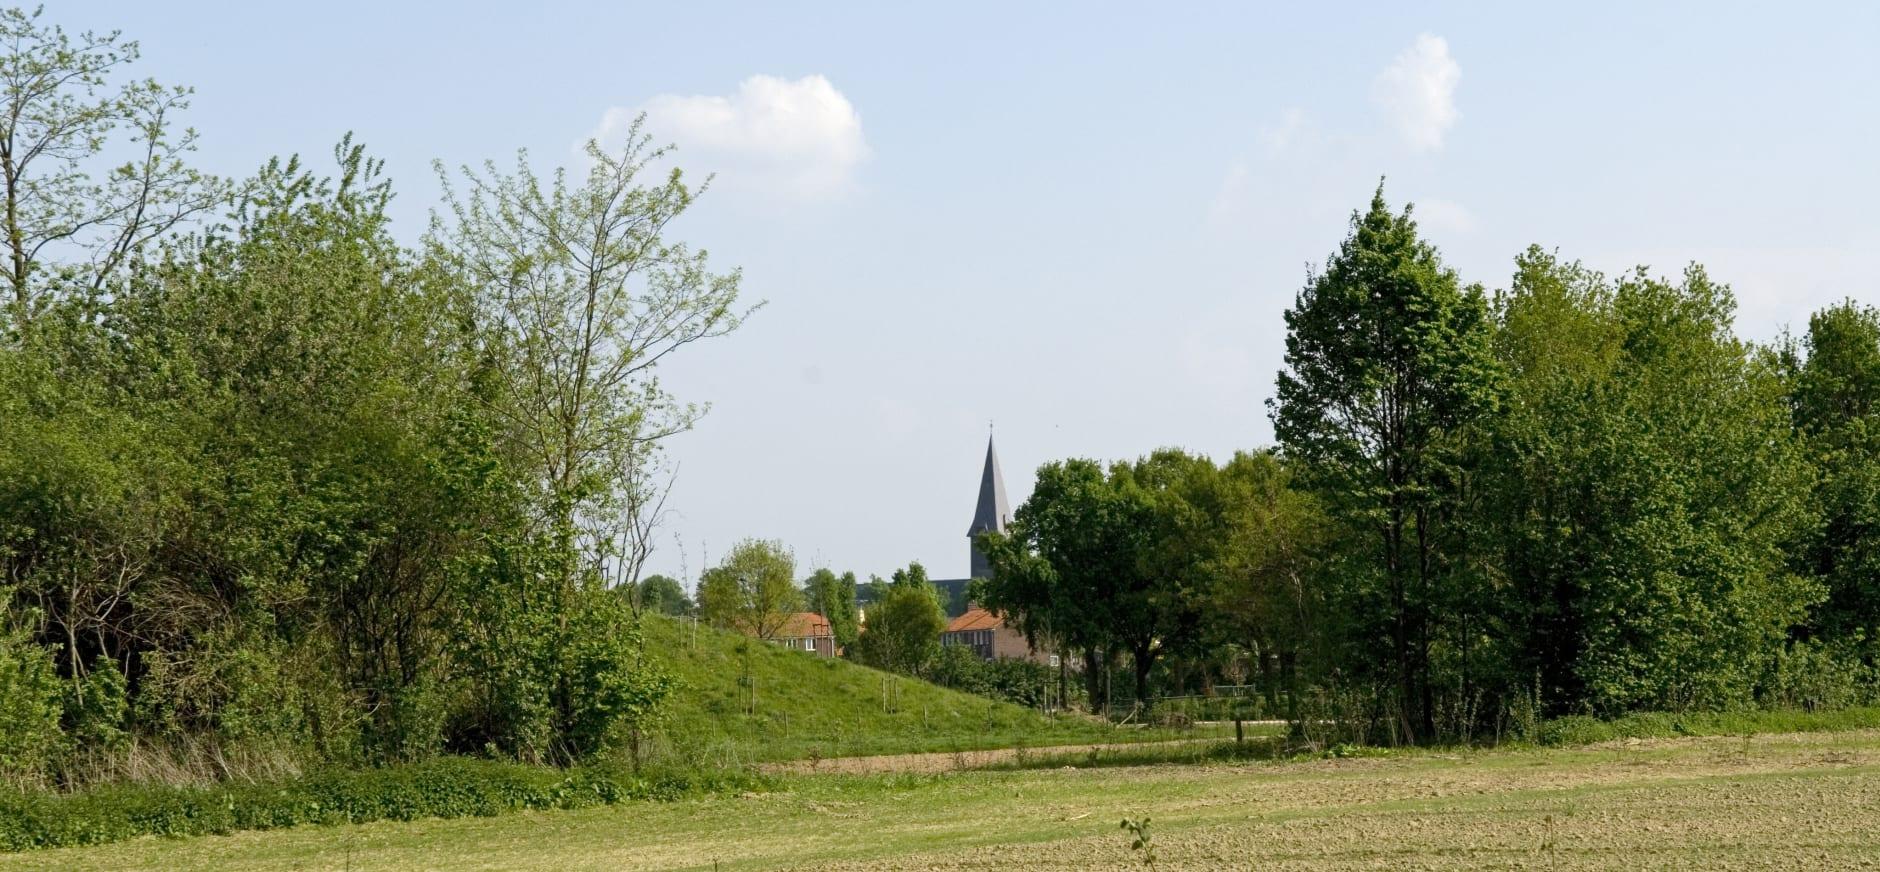 Nieuw groen naast de kerk...